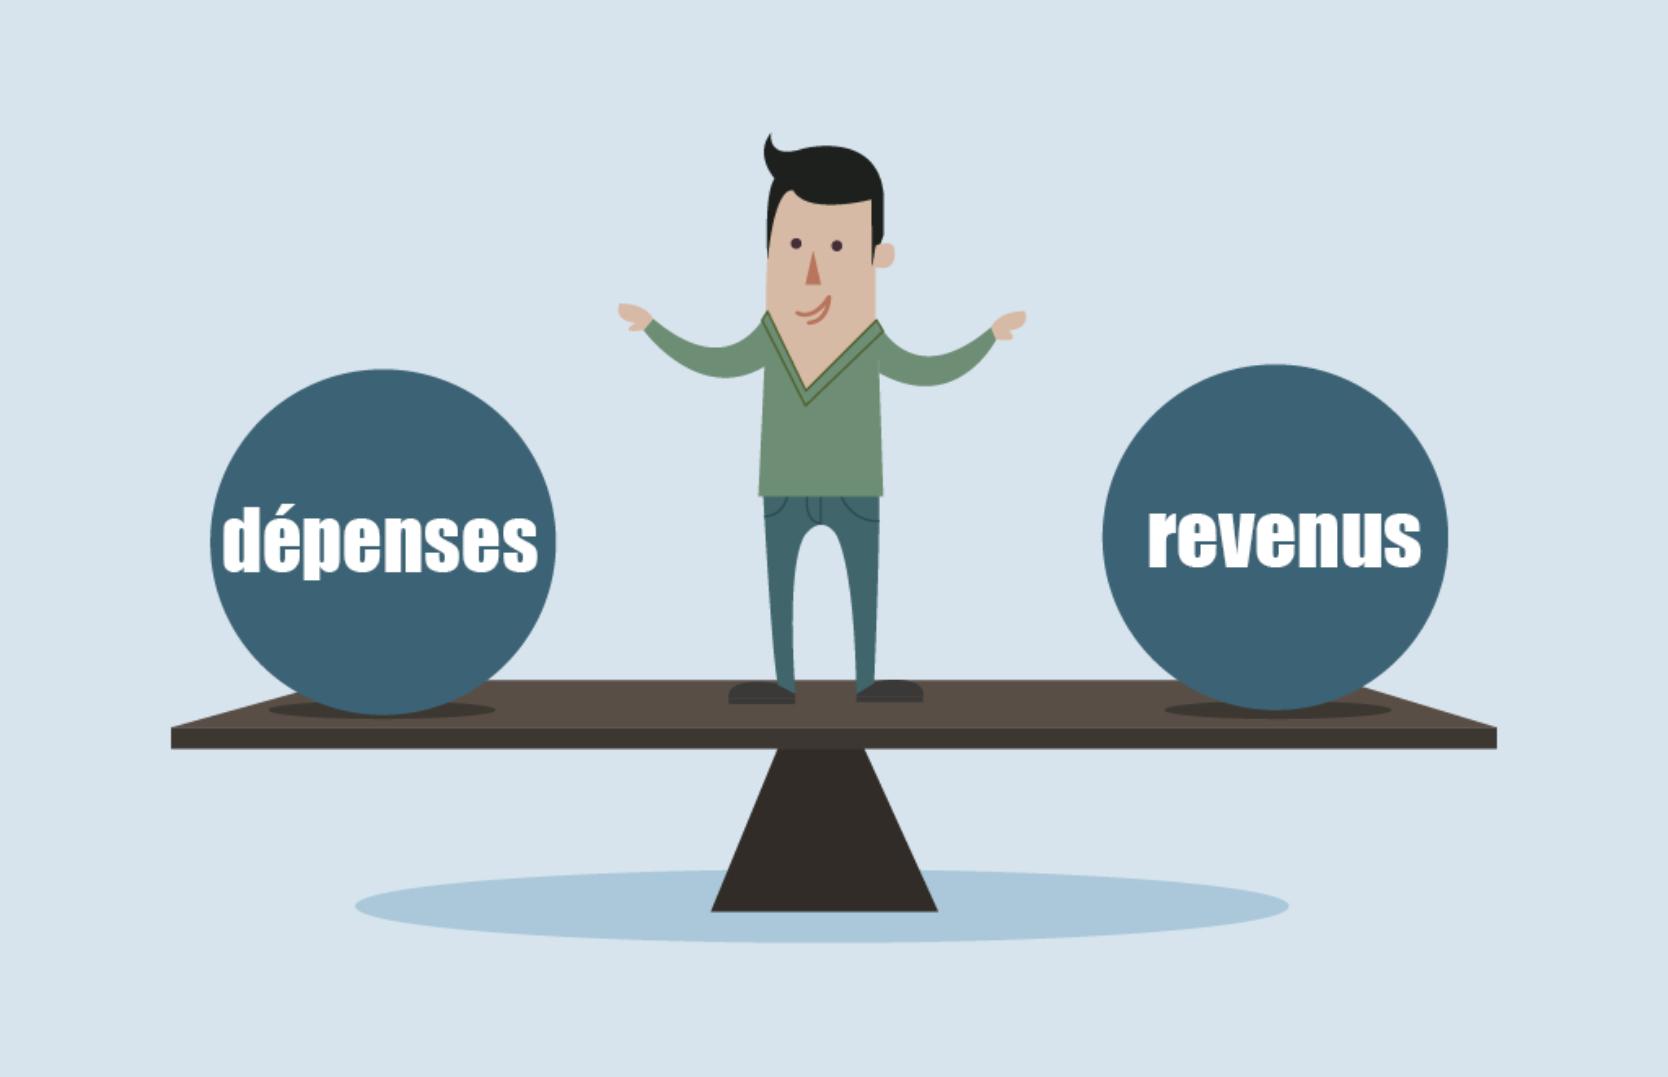 Équilibre budgétaire - Le bazooka monétaire de RS 60 milliards actionnée   business-magazine.mu